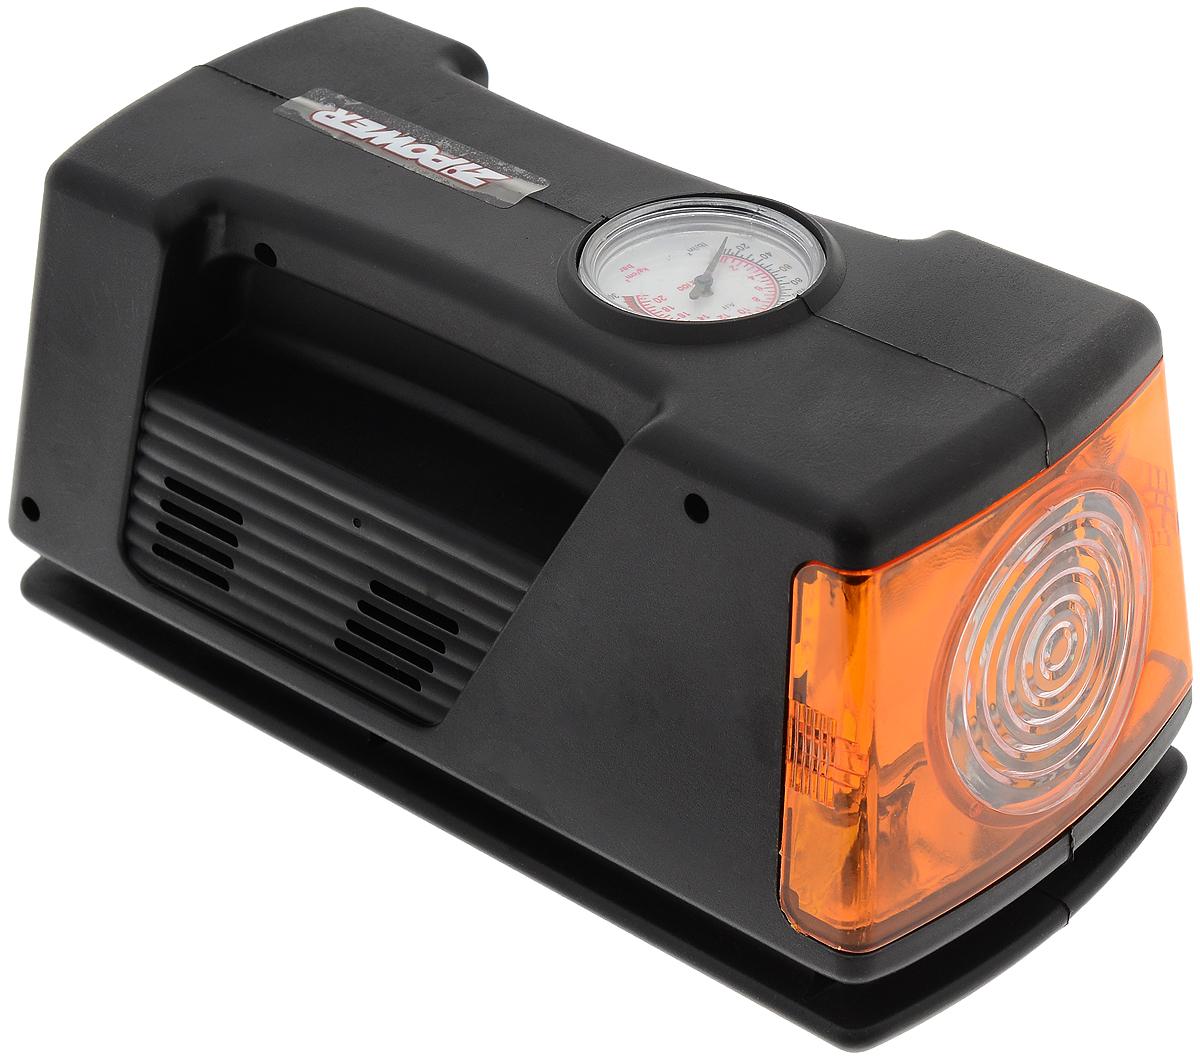 Компрессор автомобильный Zipower, с манометром и фонаремPM 0602Автомобильный компрессор Zipower позволяет накачать колесо автомобиля или же проверить в нем давление. Встроенный фонарь позволяет производить работы в темное время суток. Оснащен проблесковым маячком. Подключается к бортовой сети автомобиля. Контроль за давлением осуществляется при помощи встроенного манометра. Напряжение: 12 В Максимальное давление: 21 атм. Производительность: 10 л/мин. Диапазон работы манометра: 0–5 атм. Насадки: 3 шт.